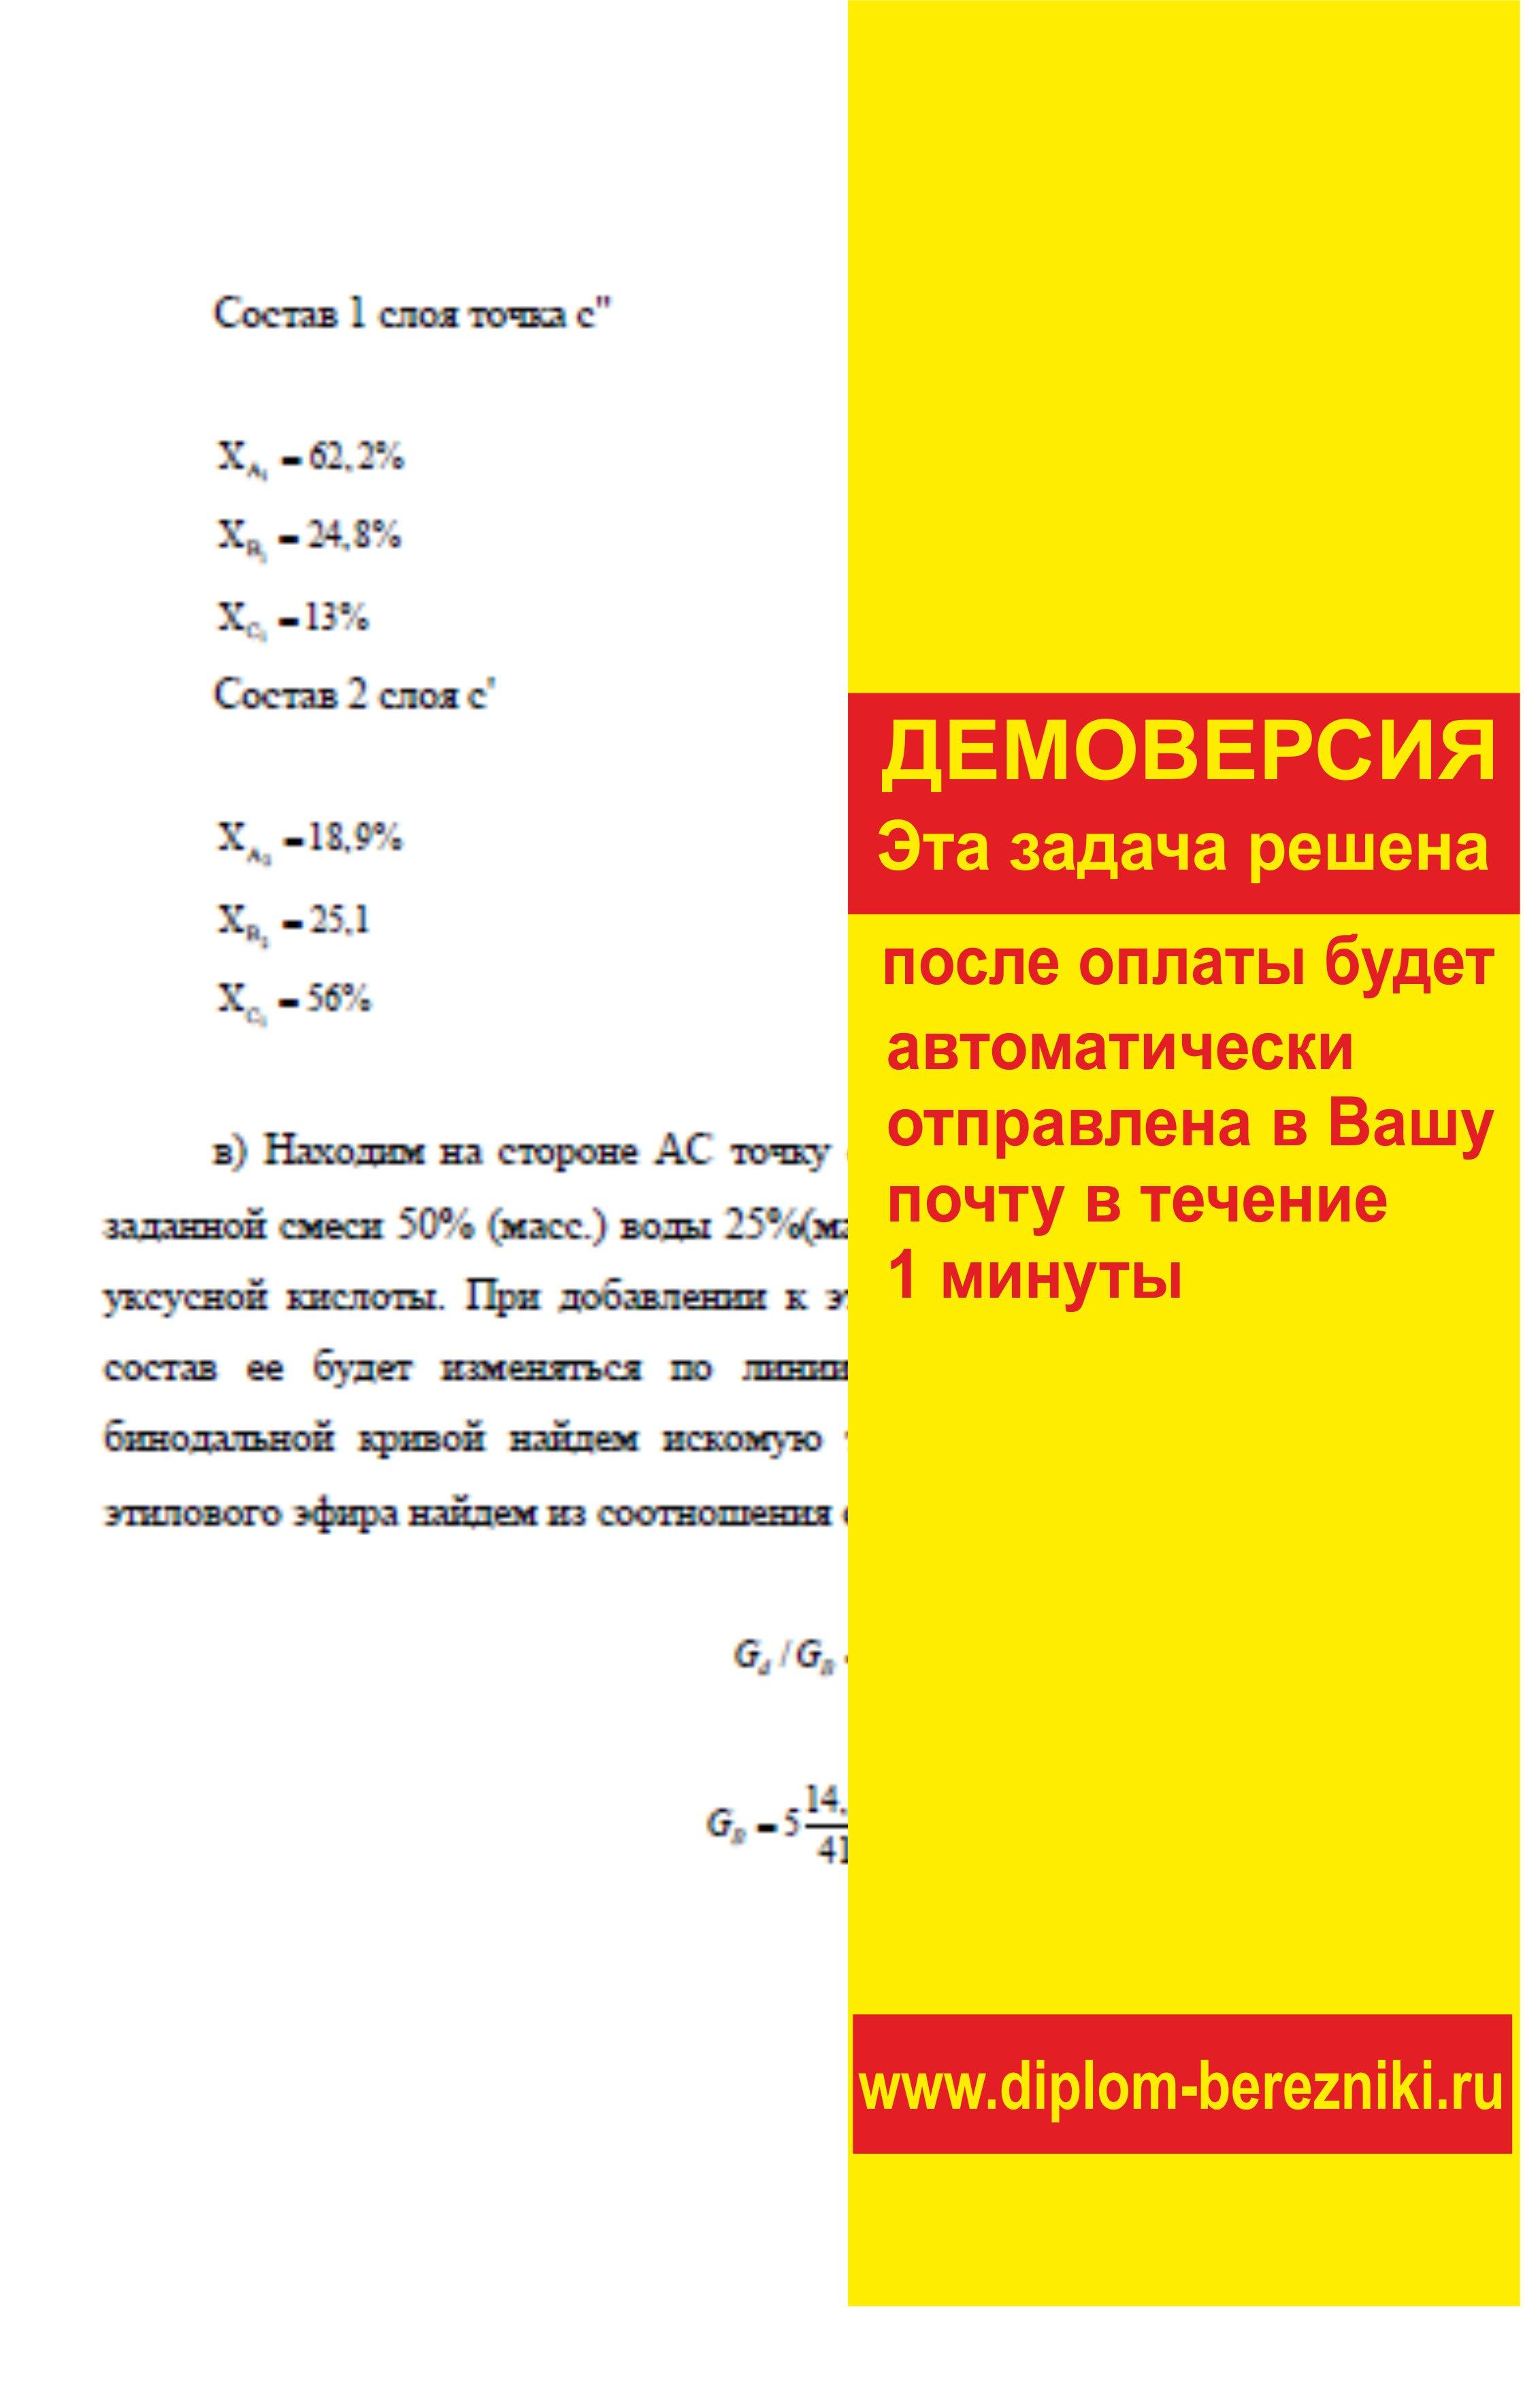 Решение задачи 8.2 по ПАХТ из задачника Павлова Романкова Носкова